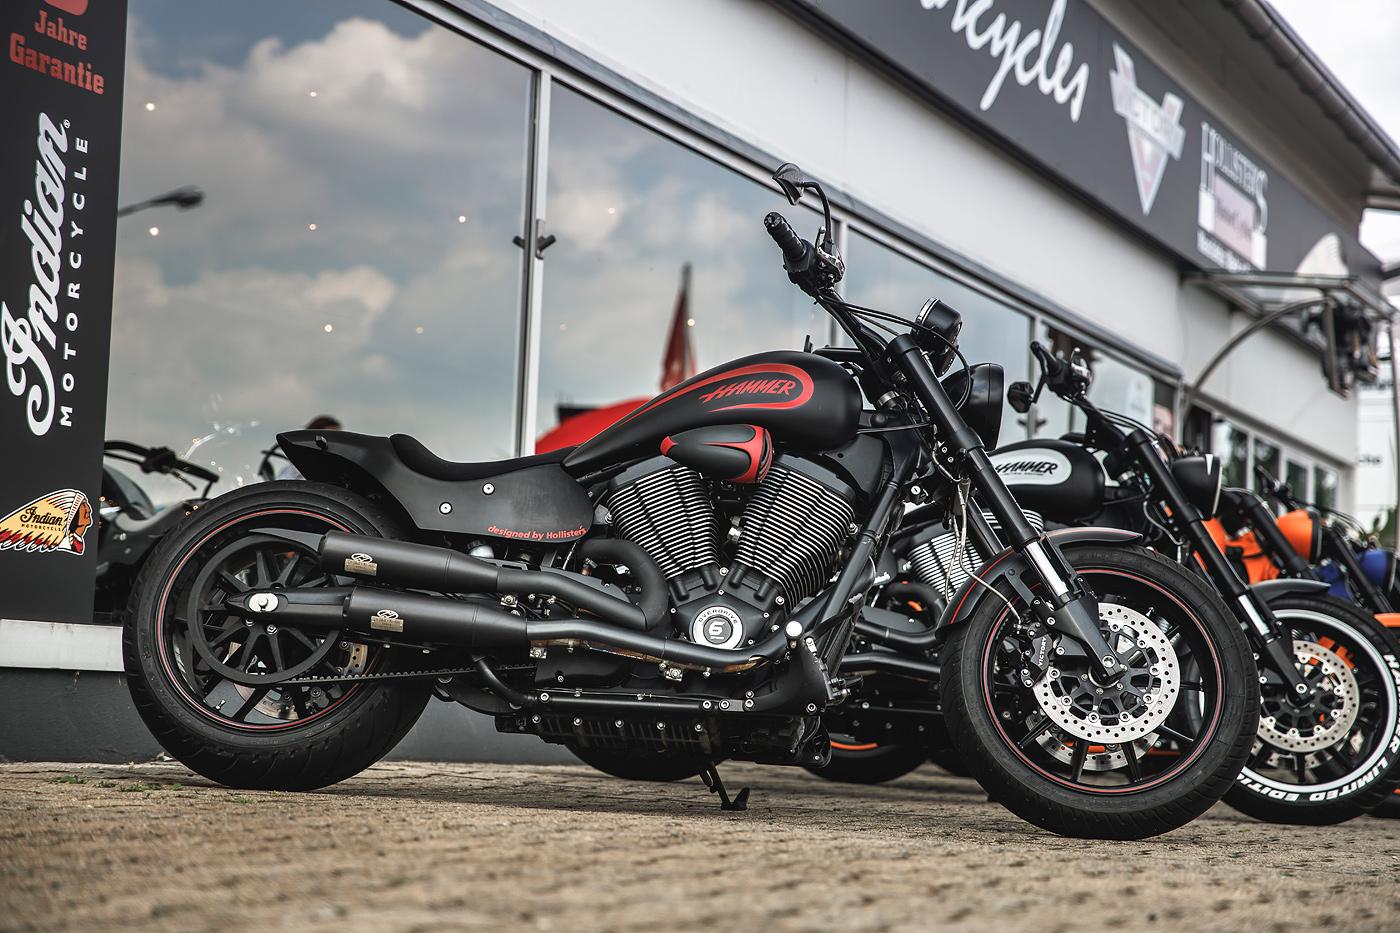 hollister 39 s hollister 39 s motorcycles. Black Bedroom Furniture Sets. Home Design Ideas